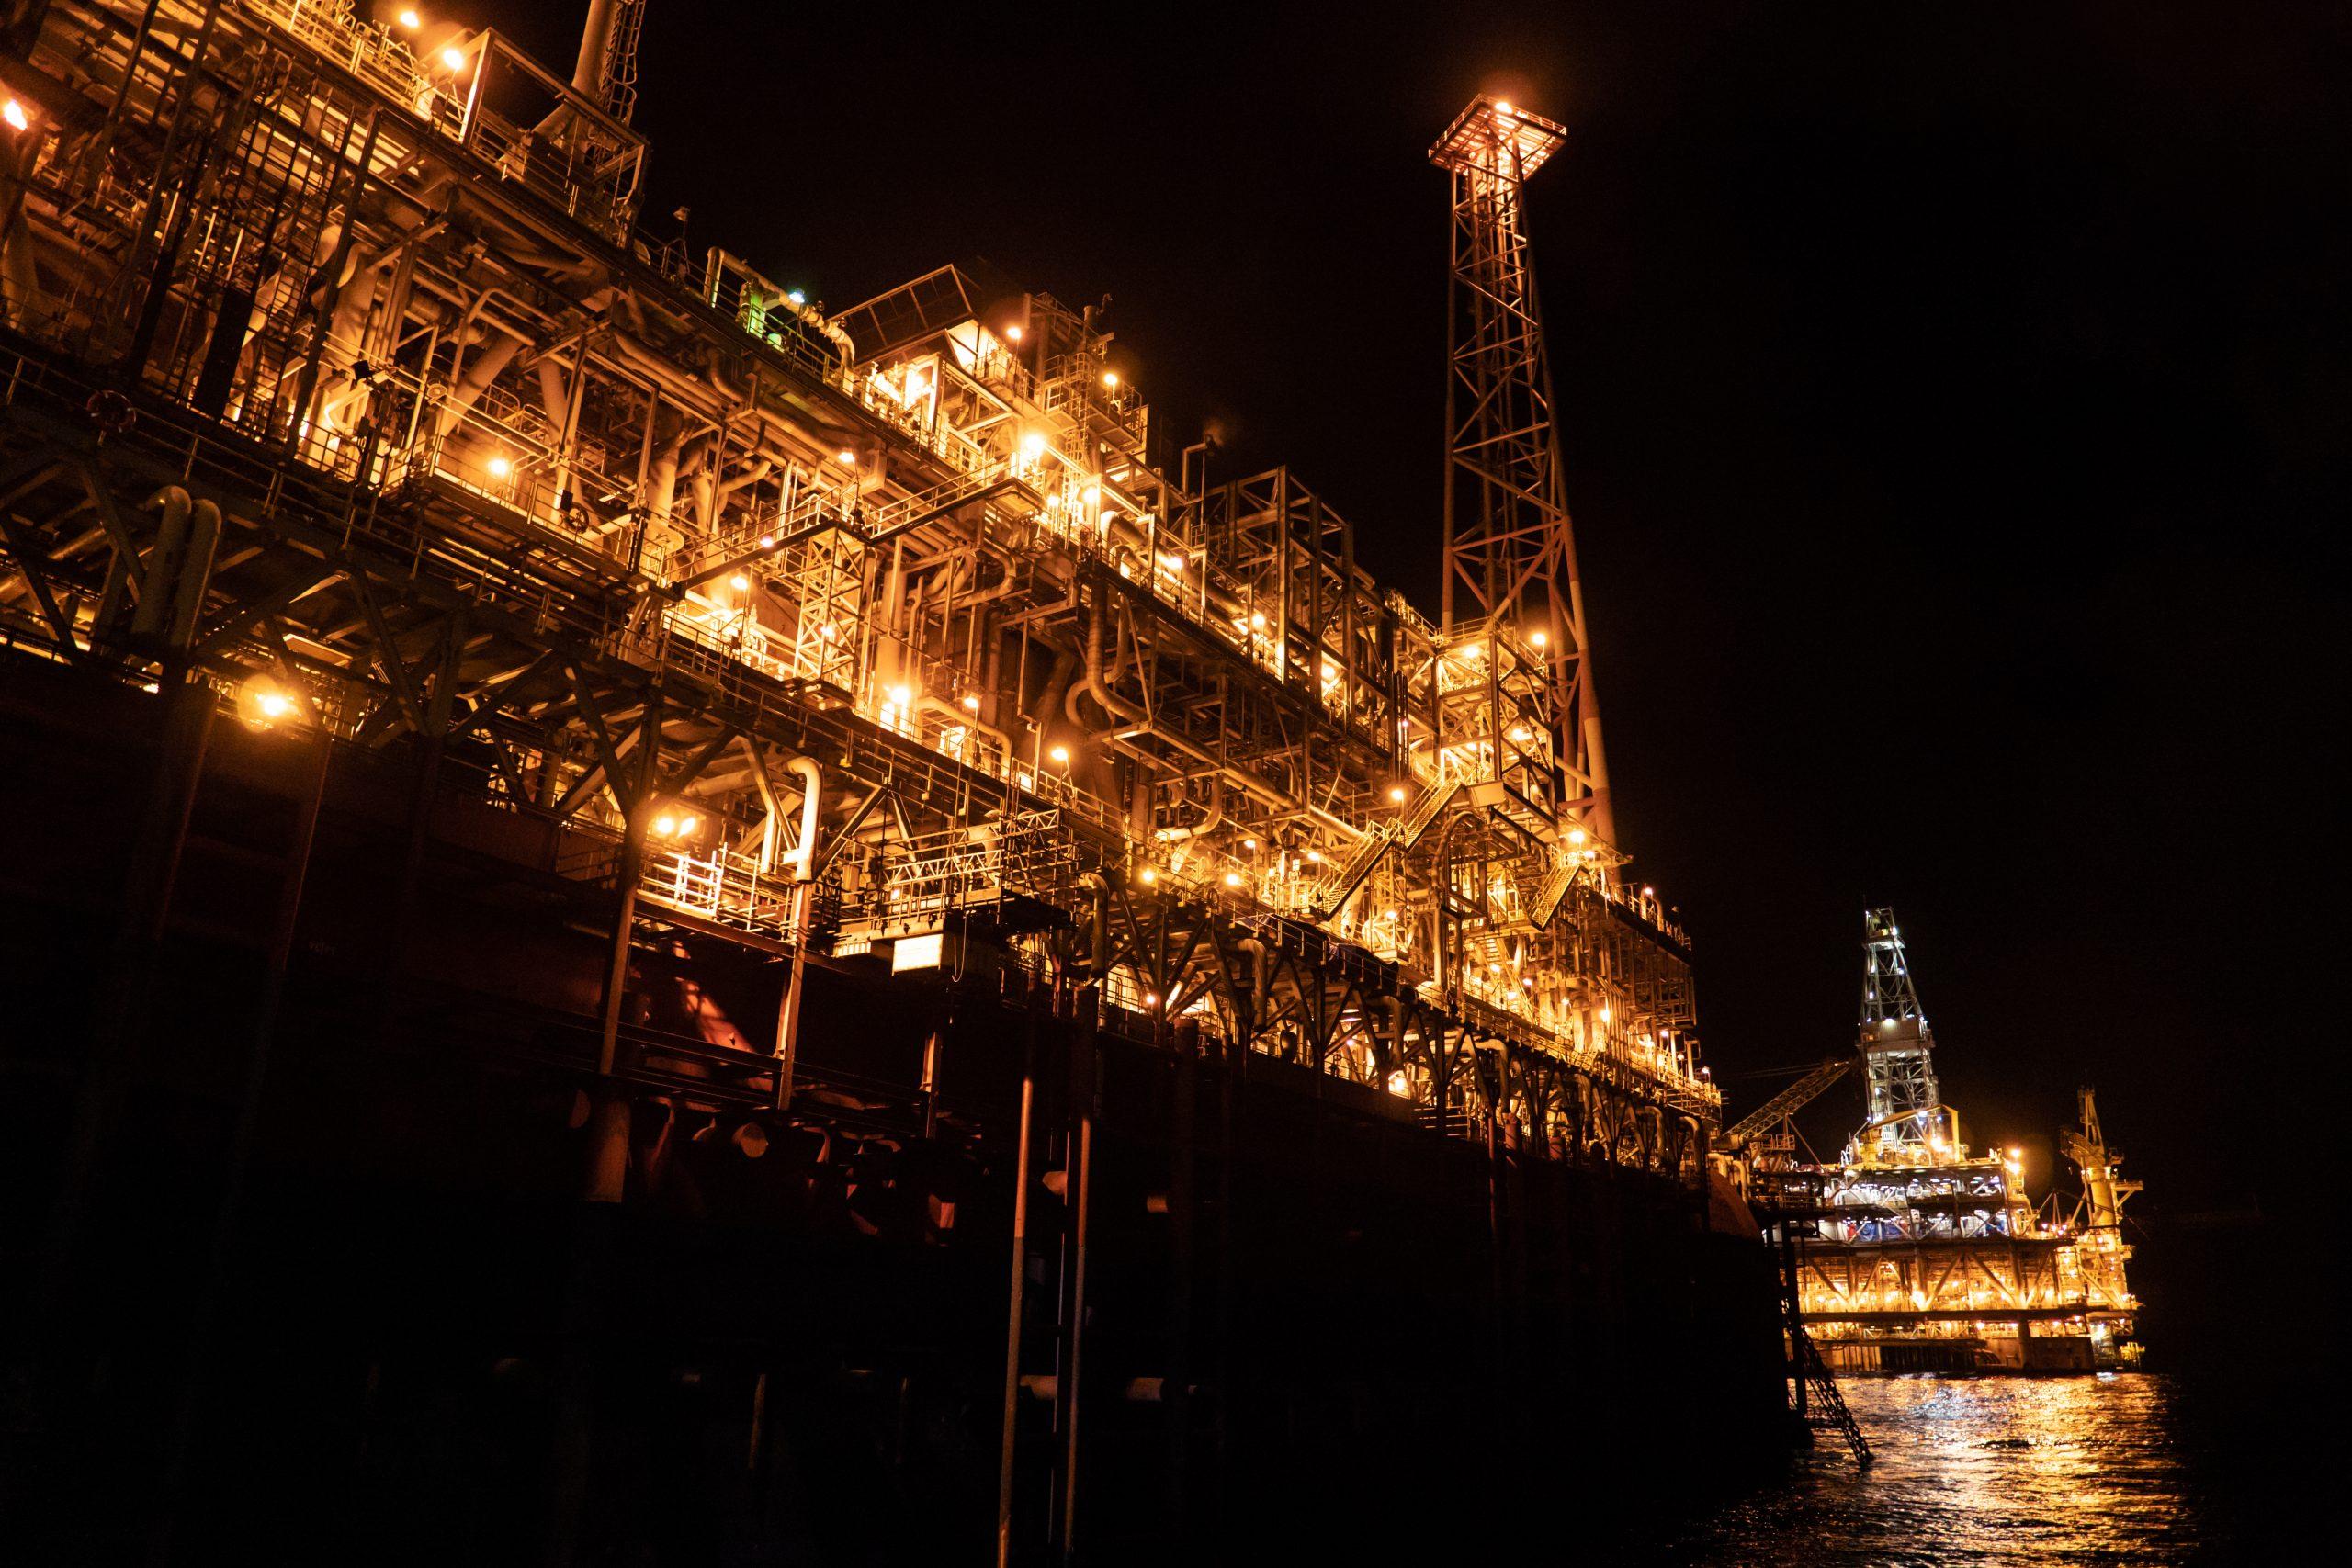 fpso tanker vessel